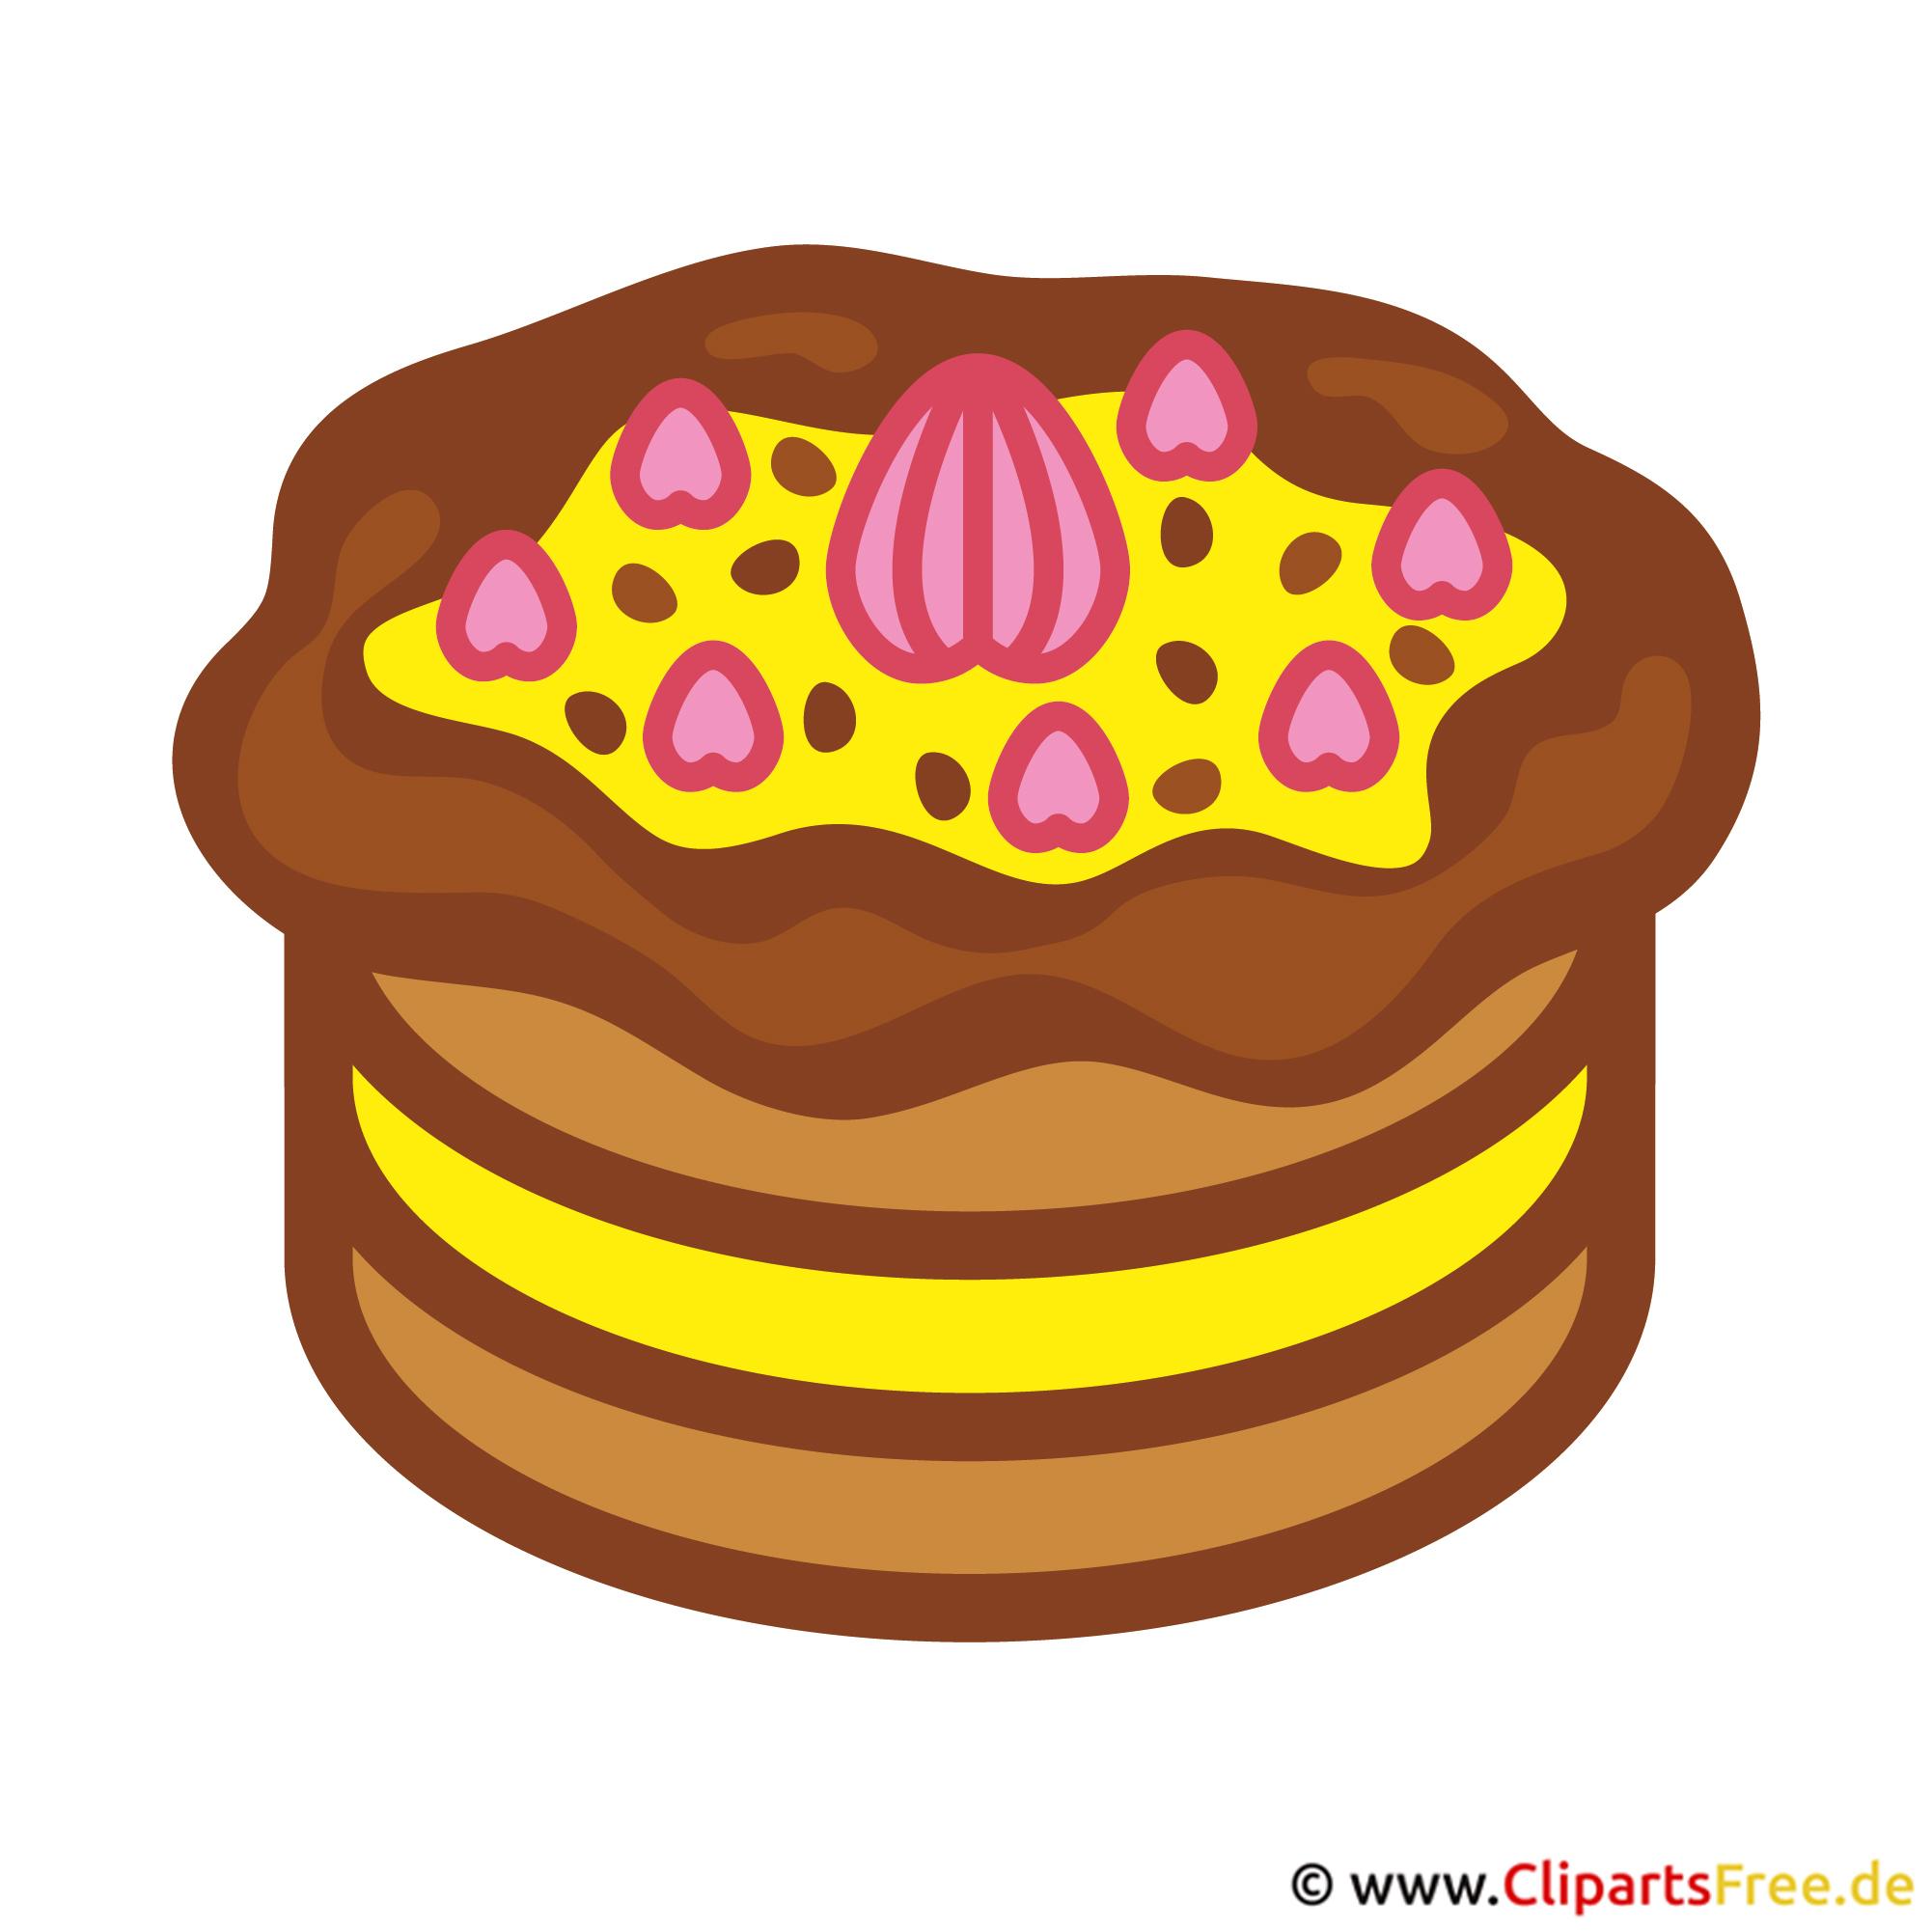 Torte BildClipart gratis